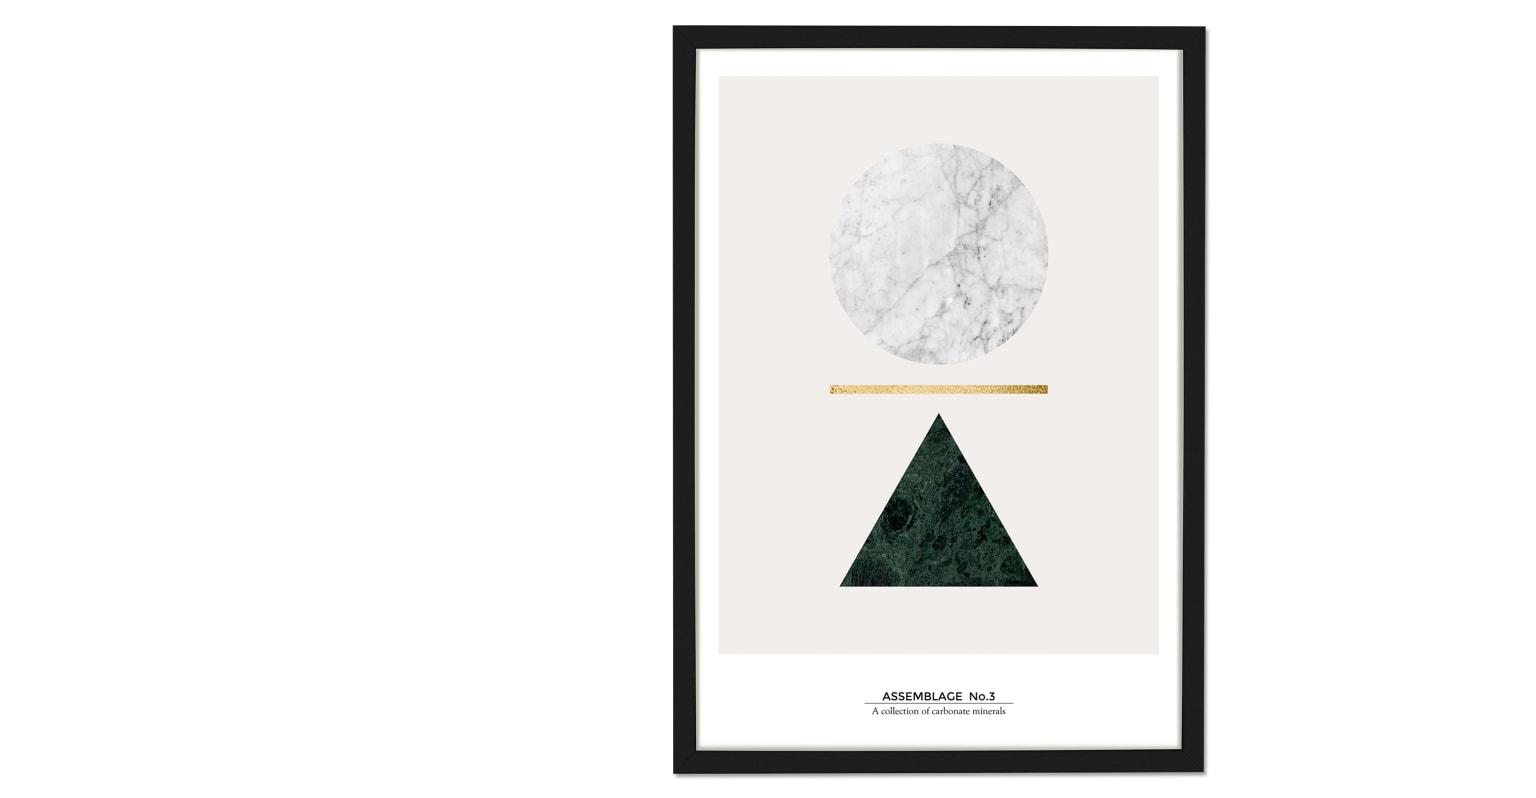 Assemblage. Lámina de arte Assemblage Colección 2, 50 x 70, mármol y pan de oro